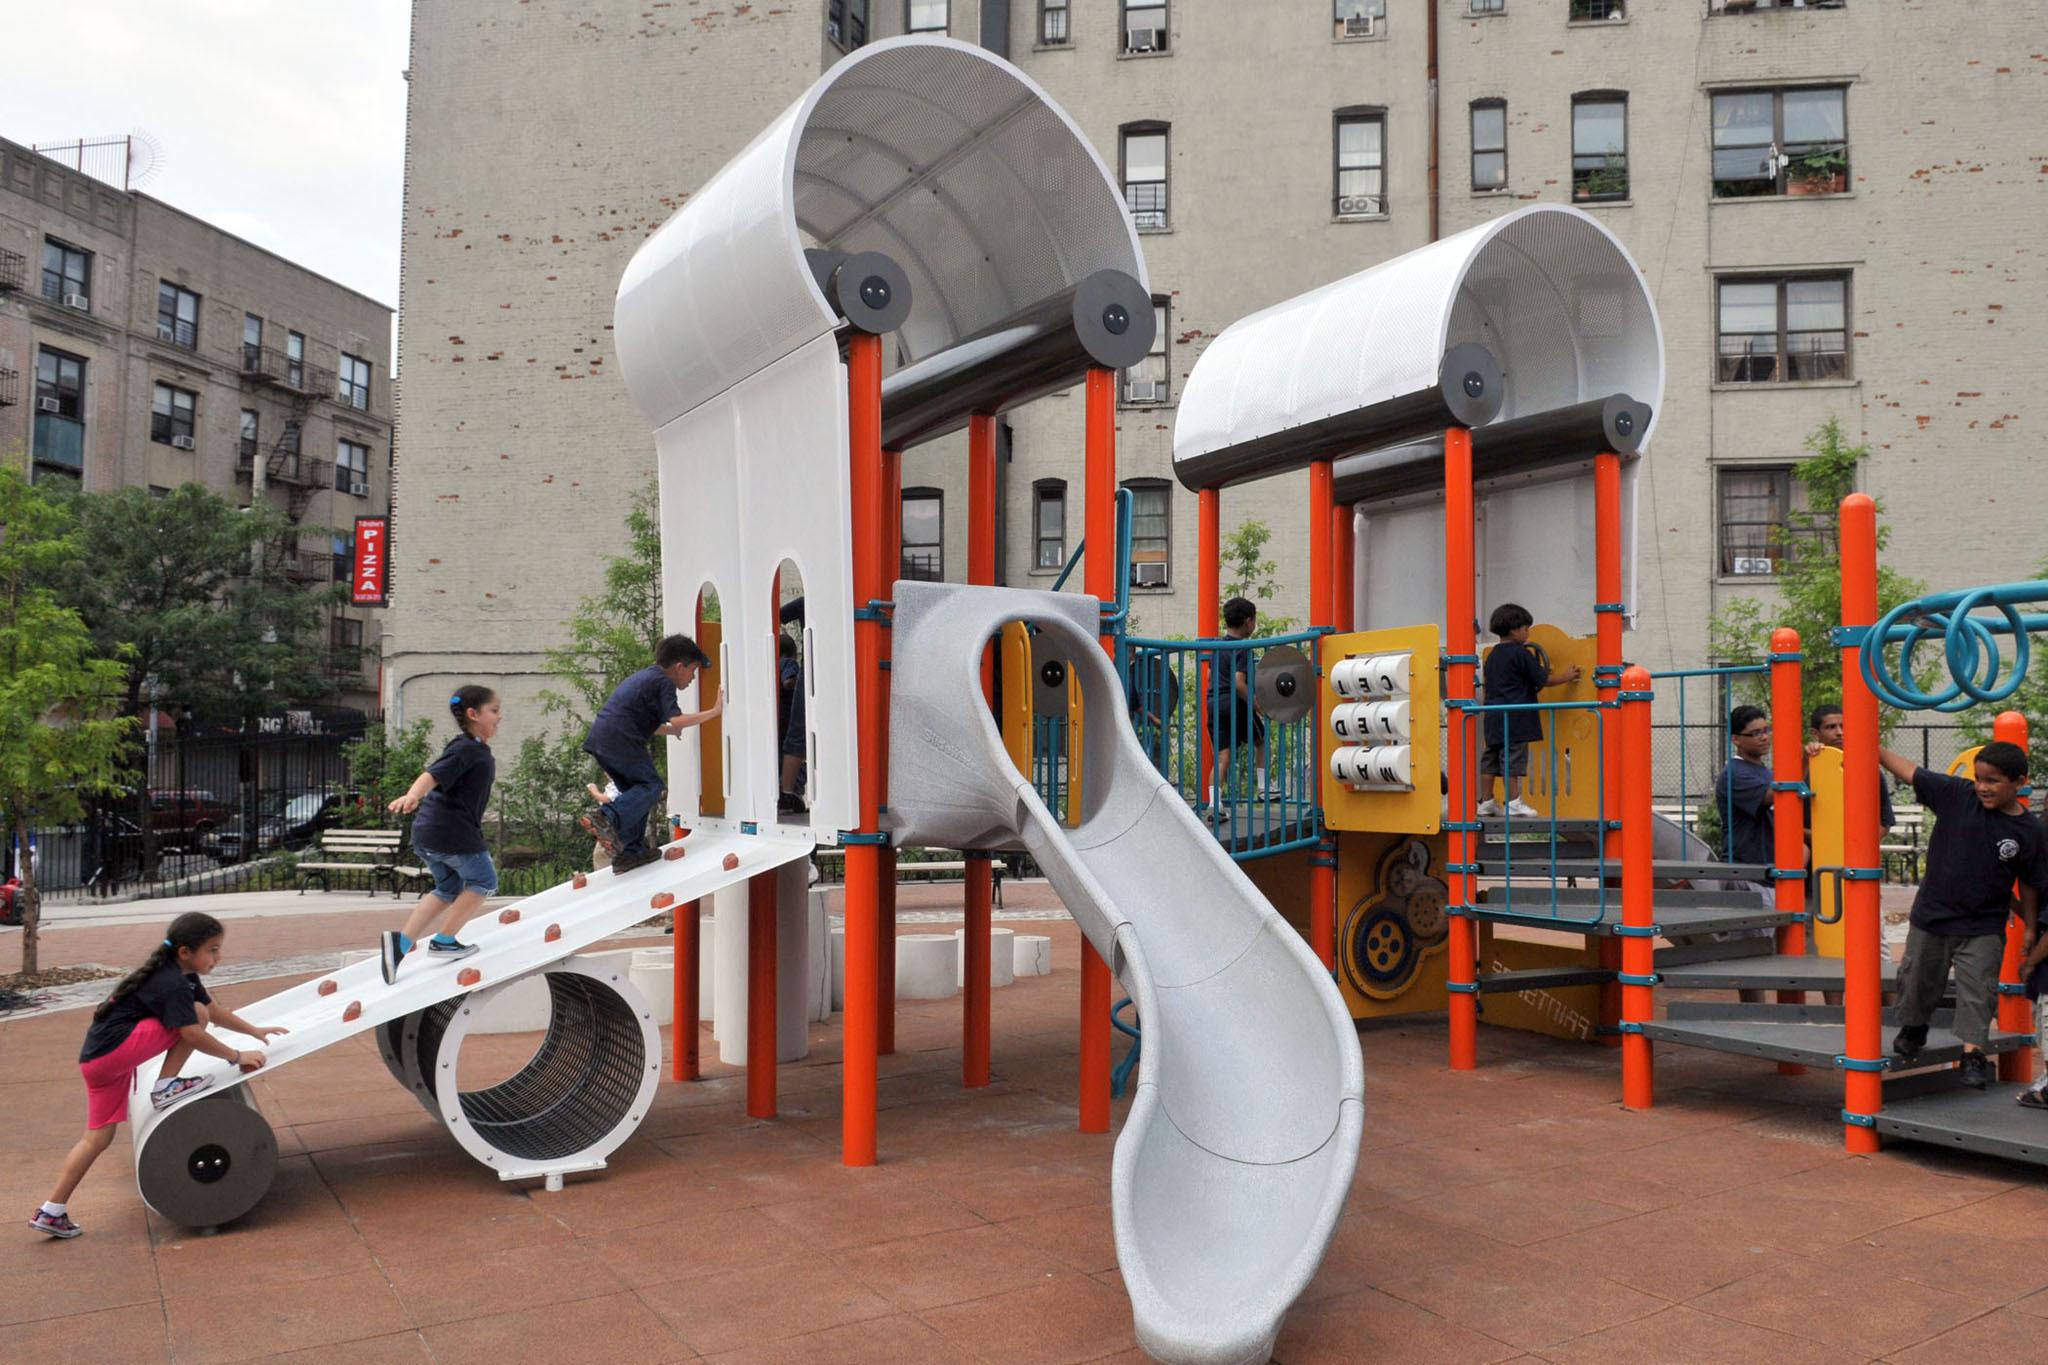 Printers Park Playground